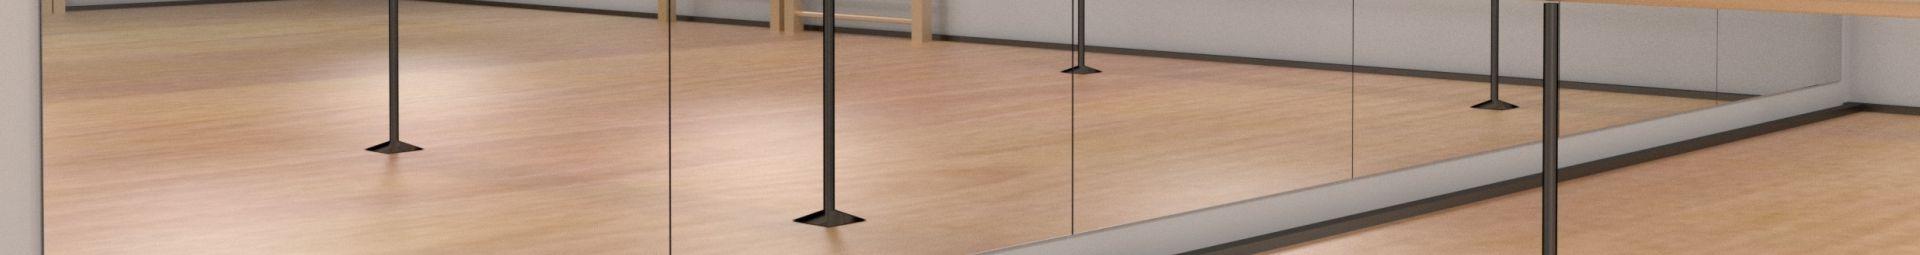 Modulare Spiegel für große Umgebungen